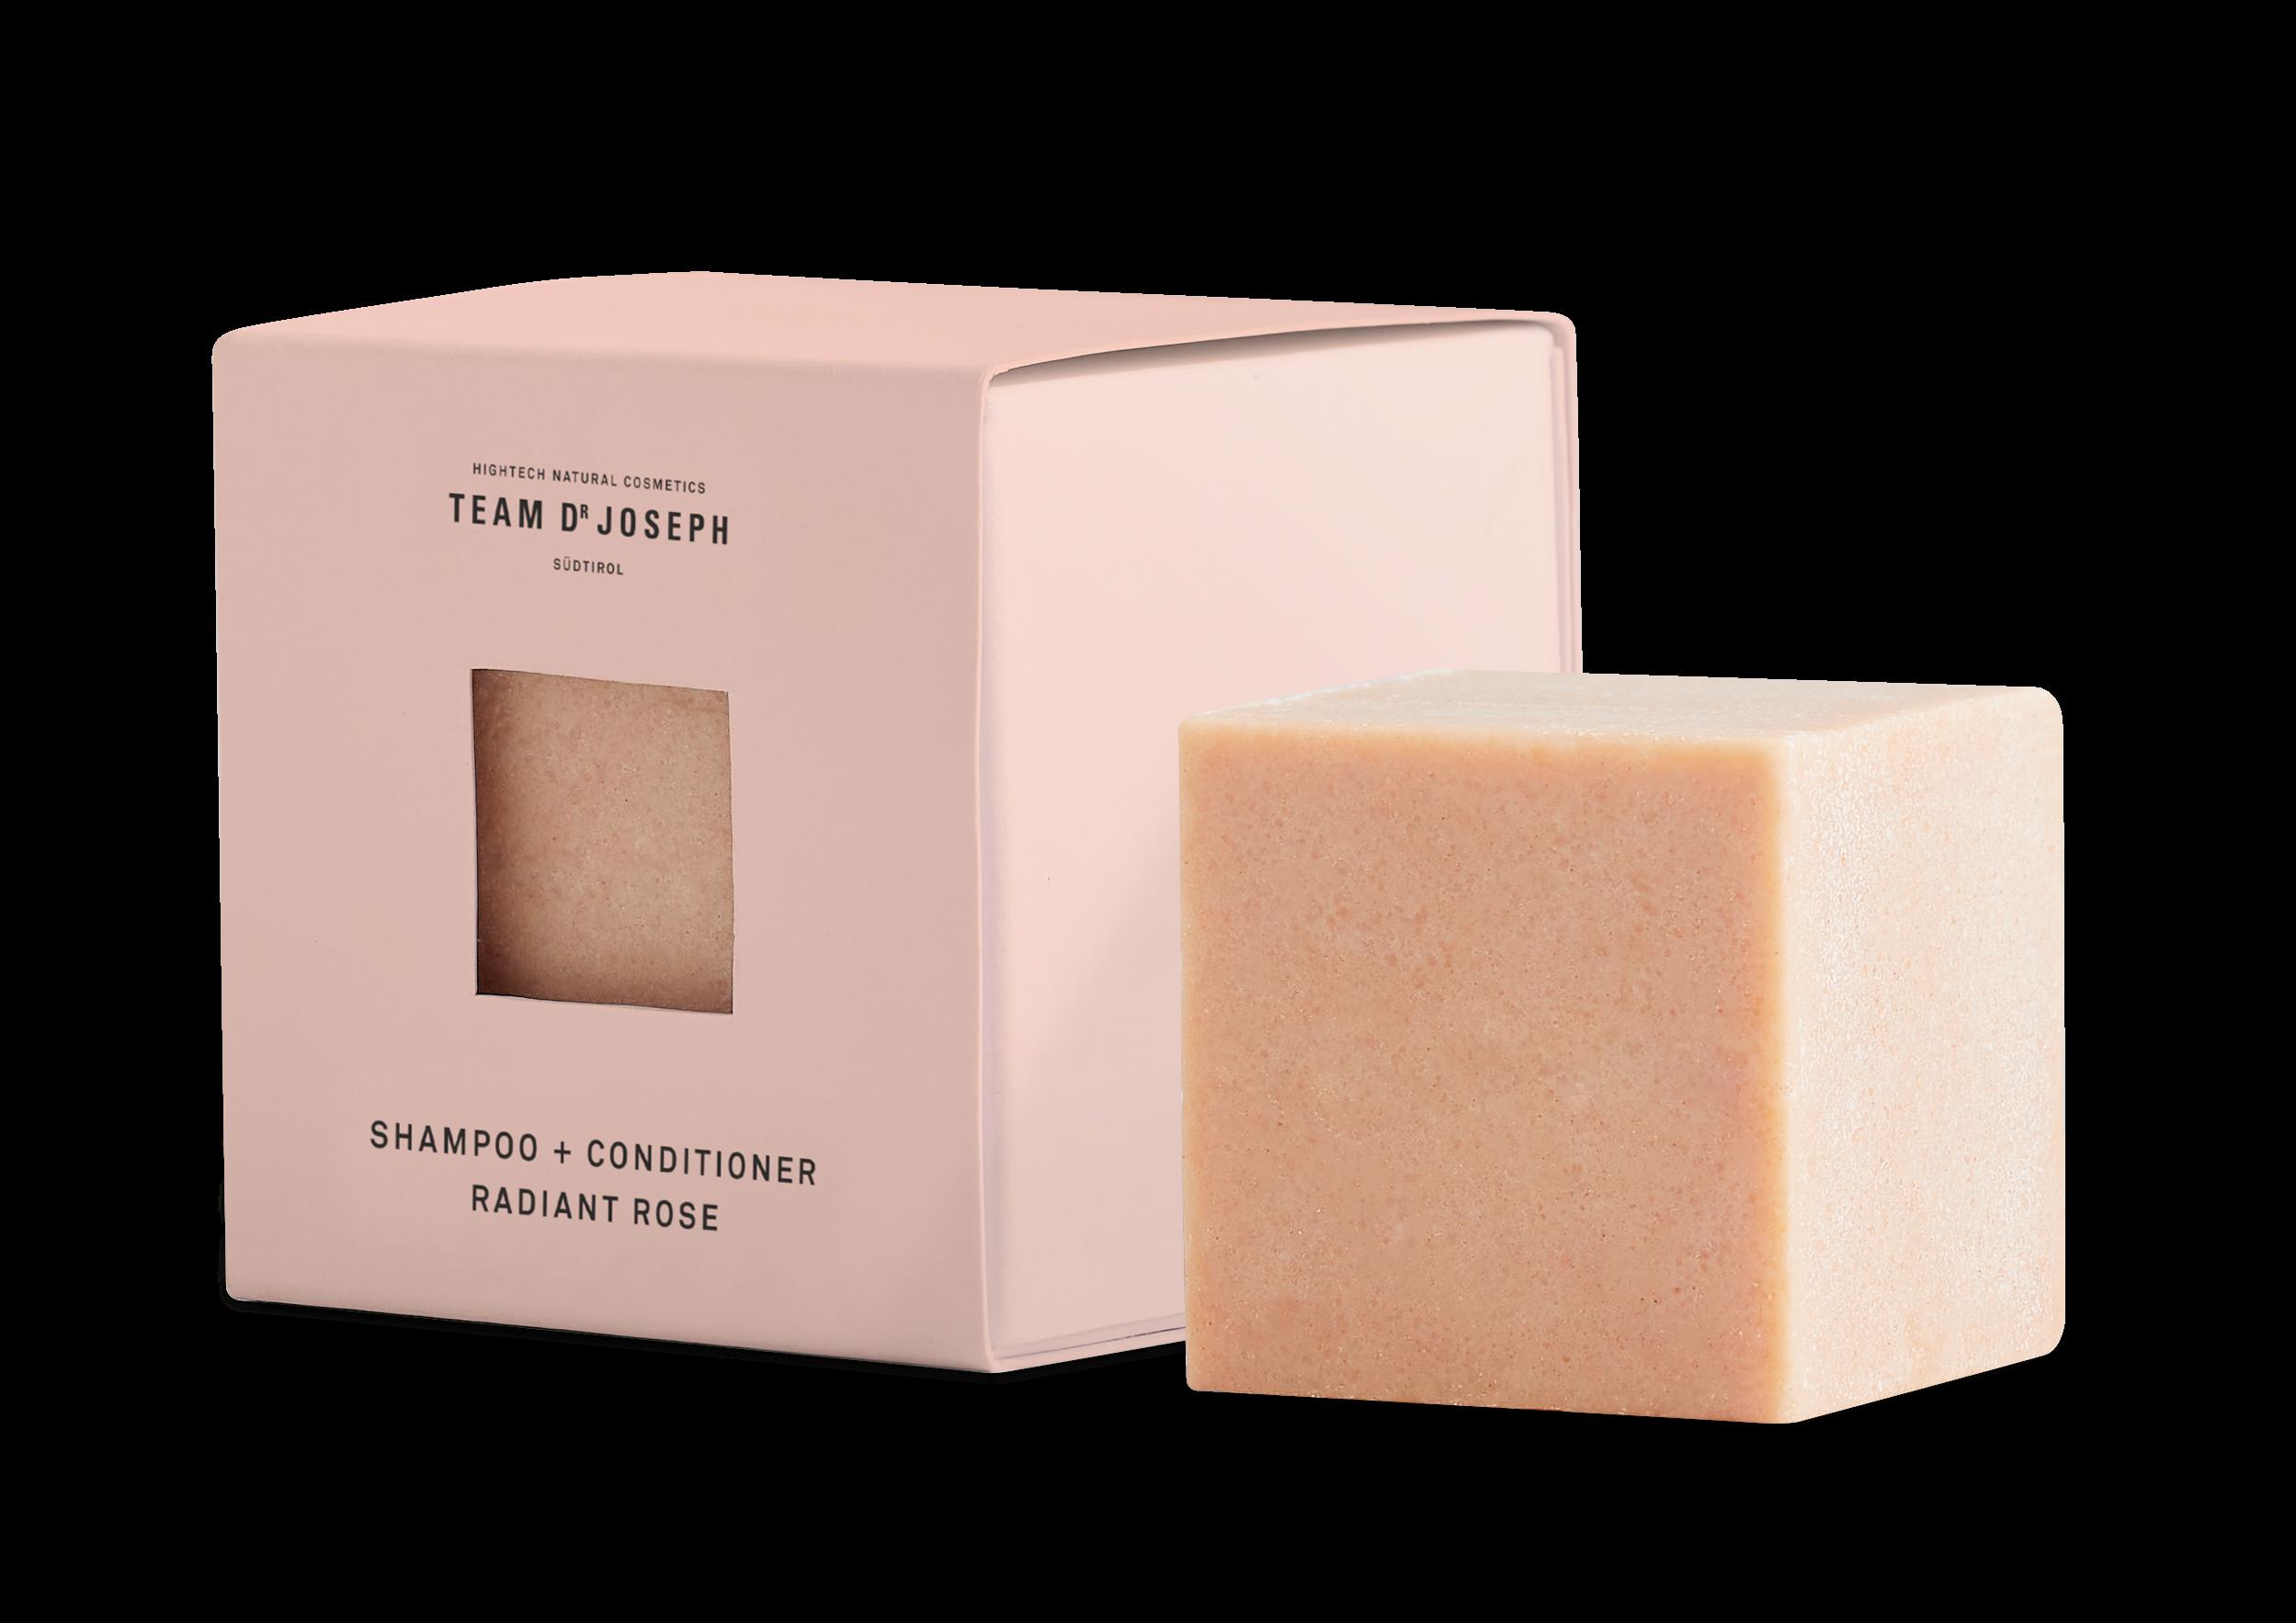 Radiant Rose Shampoo + Conditioner von TEAM DR JOSEPH 60g 18,- cube